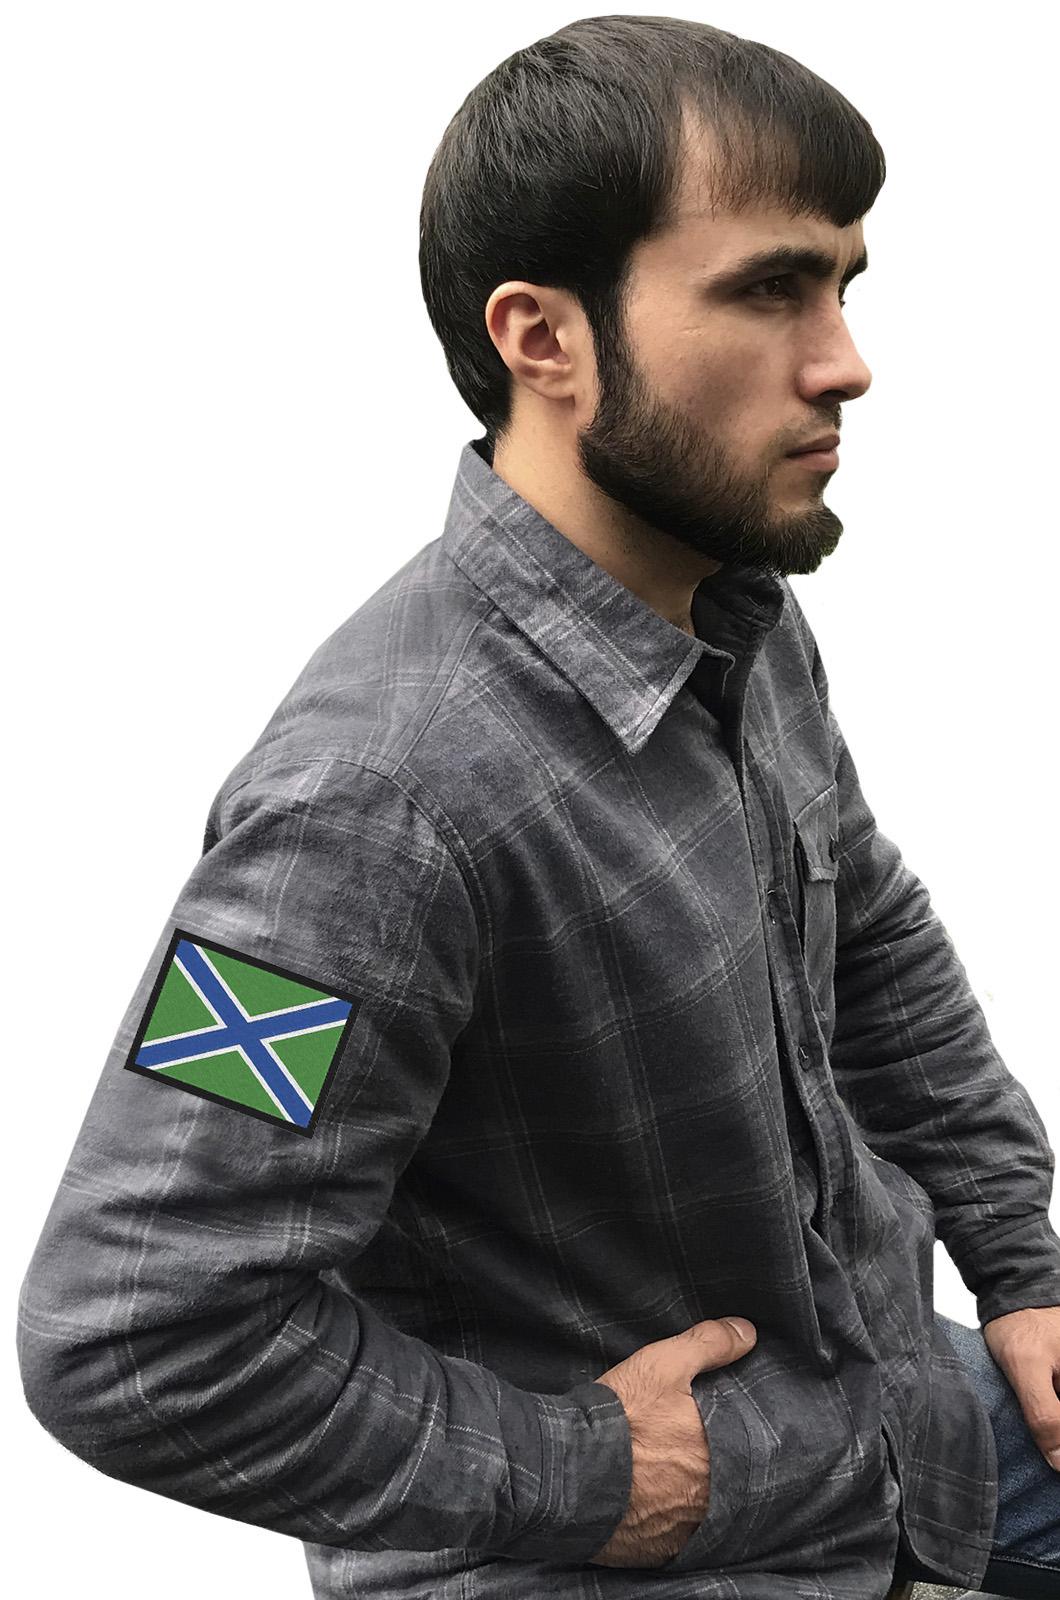 Крутая теплая рубашка с вышитым шевроном МЧПВ РФ - купить с доставкой